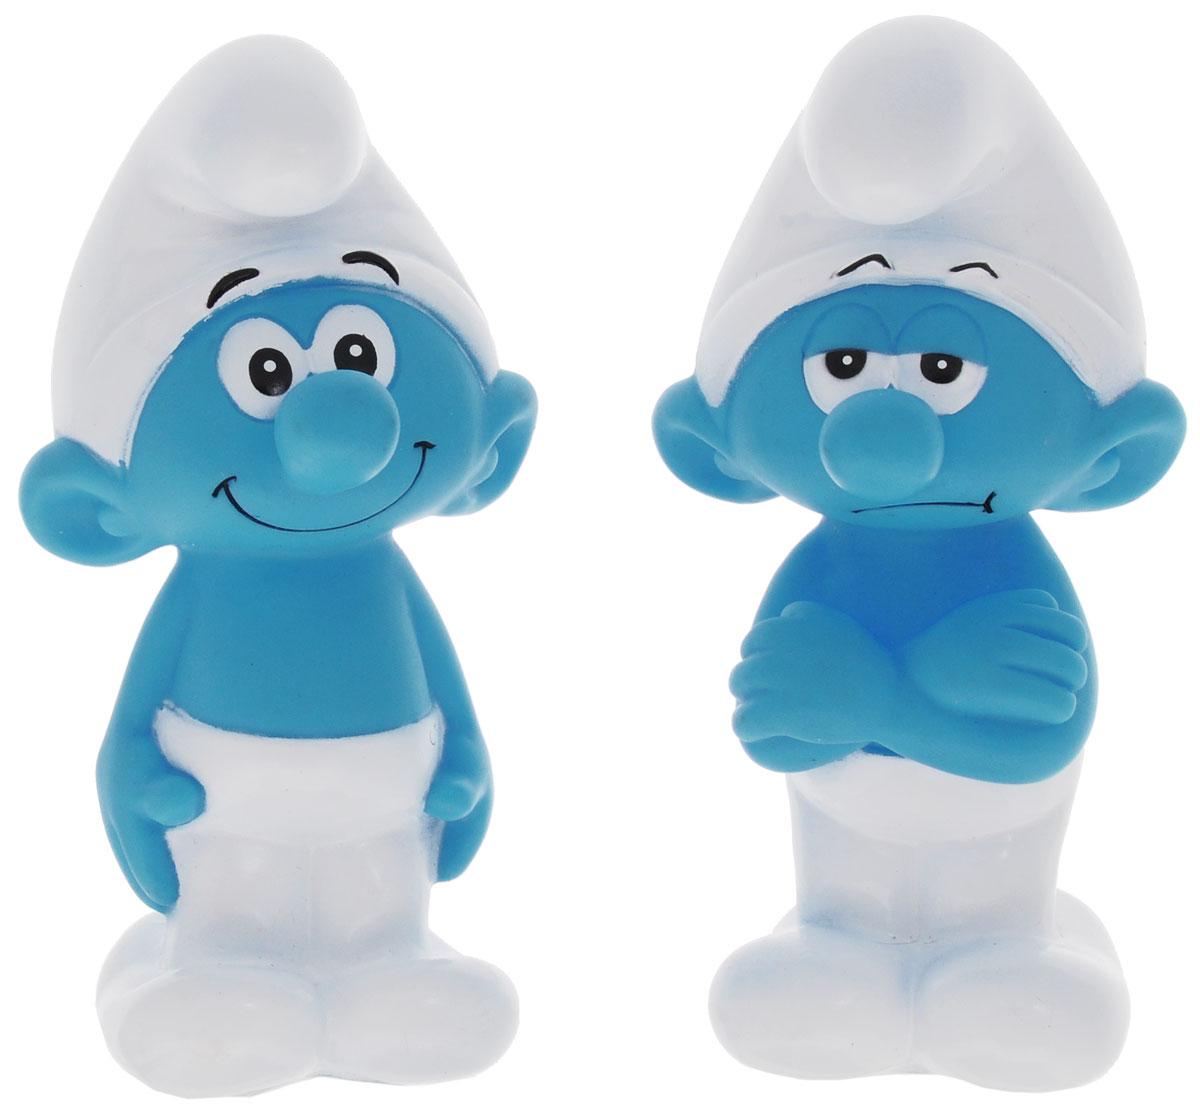 Играем вместе Набор игрушек для ванной Смурфики цвет голубой белый 2 шт164R-PVC_голубой, белыйС набором игрушек для ванной Играем вместе Смурфики принимать водные процедуры станет еще веселее и приятнее. В набор входят 2 игрушки в виде героев одноименного мультфильма. Игрушки могут брызгать водой и пищать. Набор доставит ребенку большое удовольствие и поможет преодолеть страх перед купанием. Игрушки для ванной способствуют развитию воображения, цветового восприятия, тактильных ощущений и мелкой моторики рук.